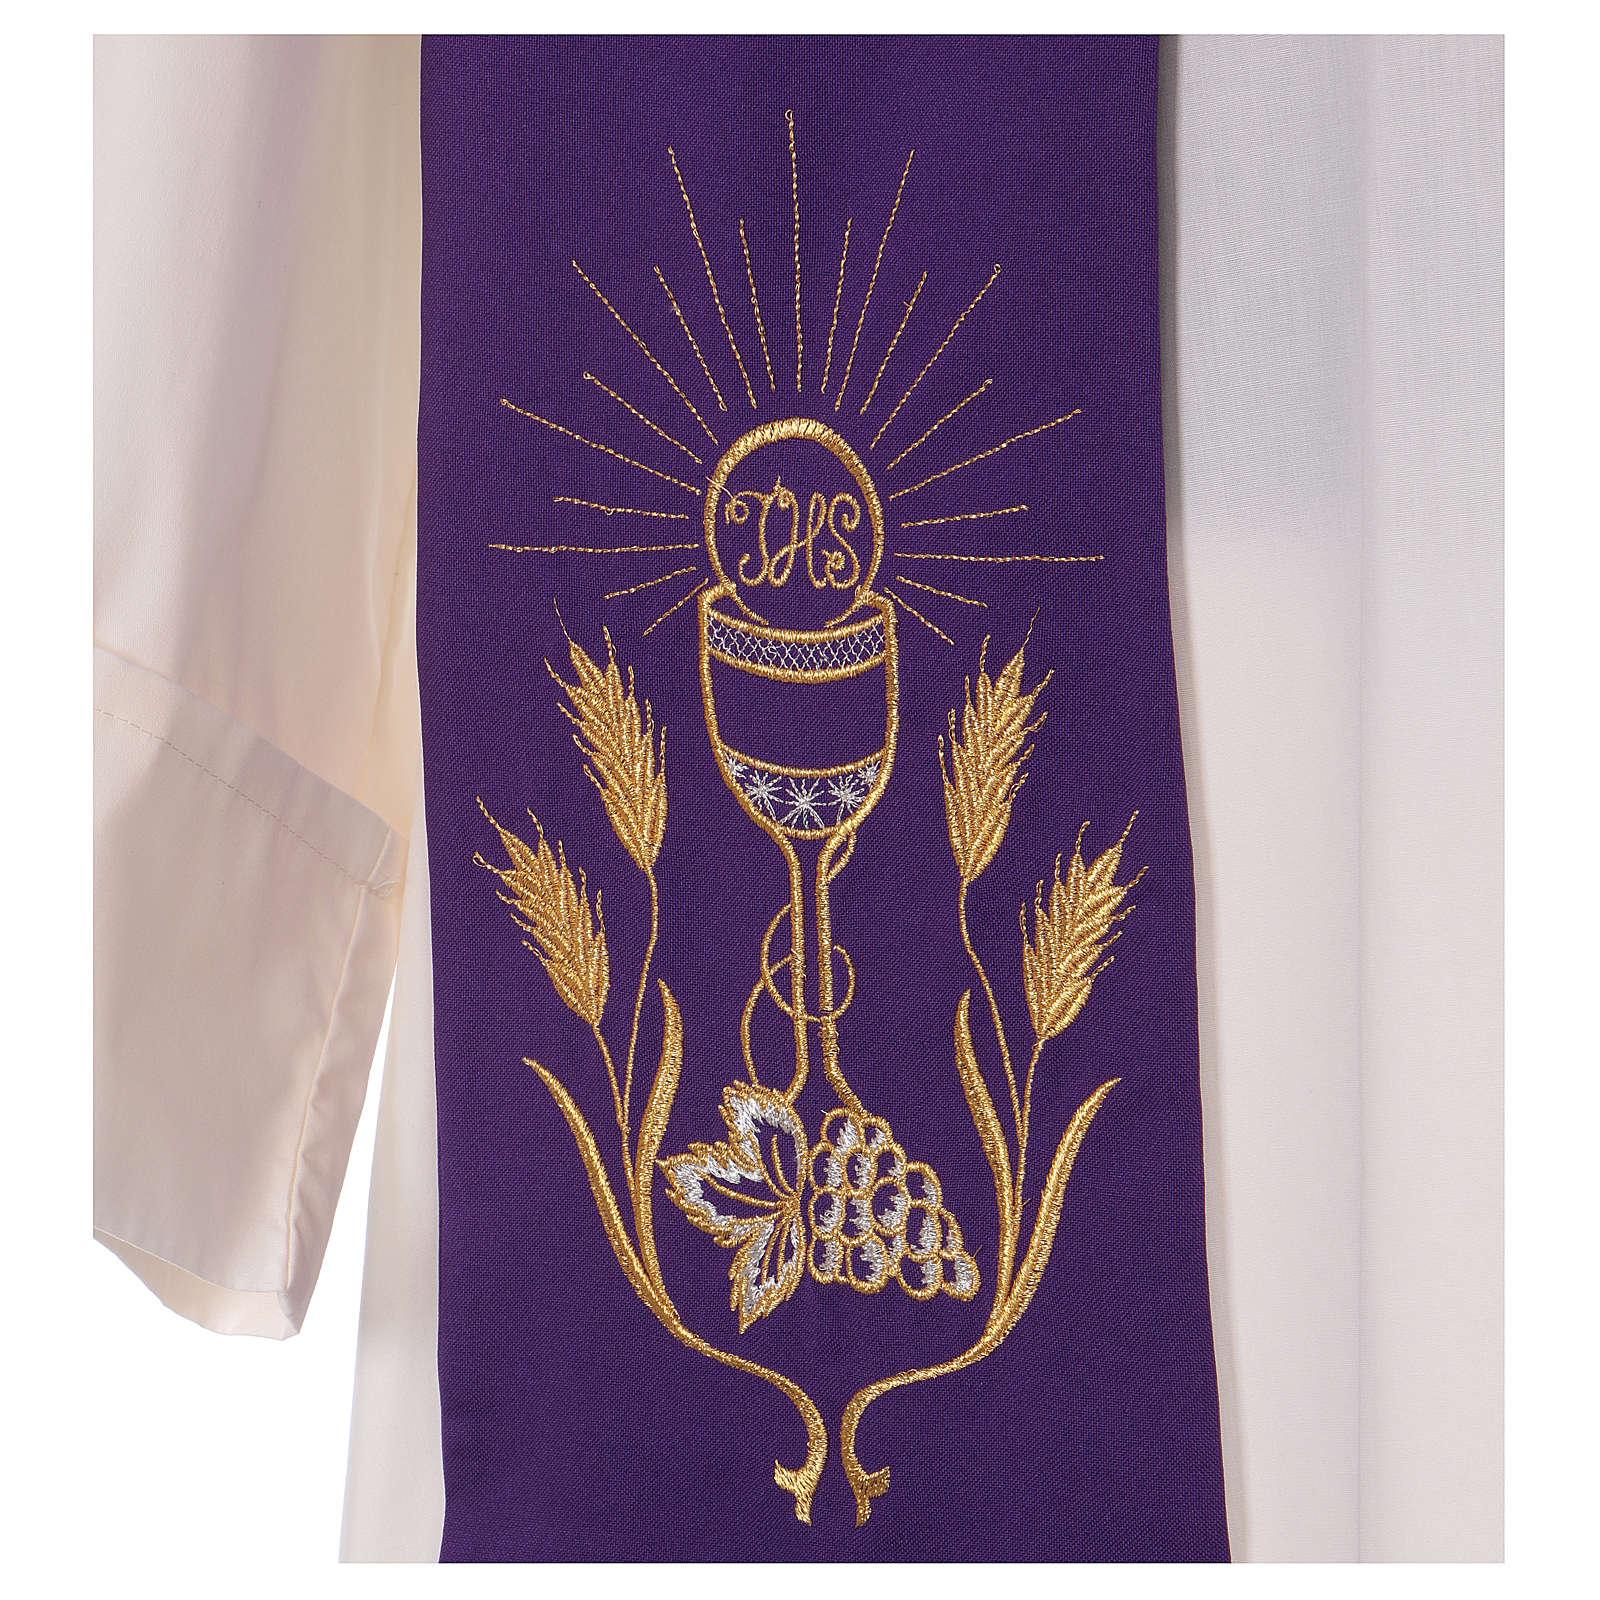 Estola bordado cáliz uvas espigas oro y plata doble cara Vatican 4